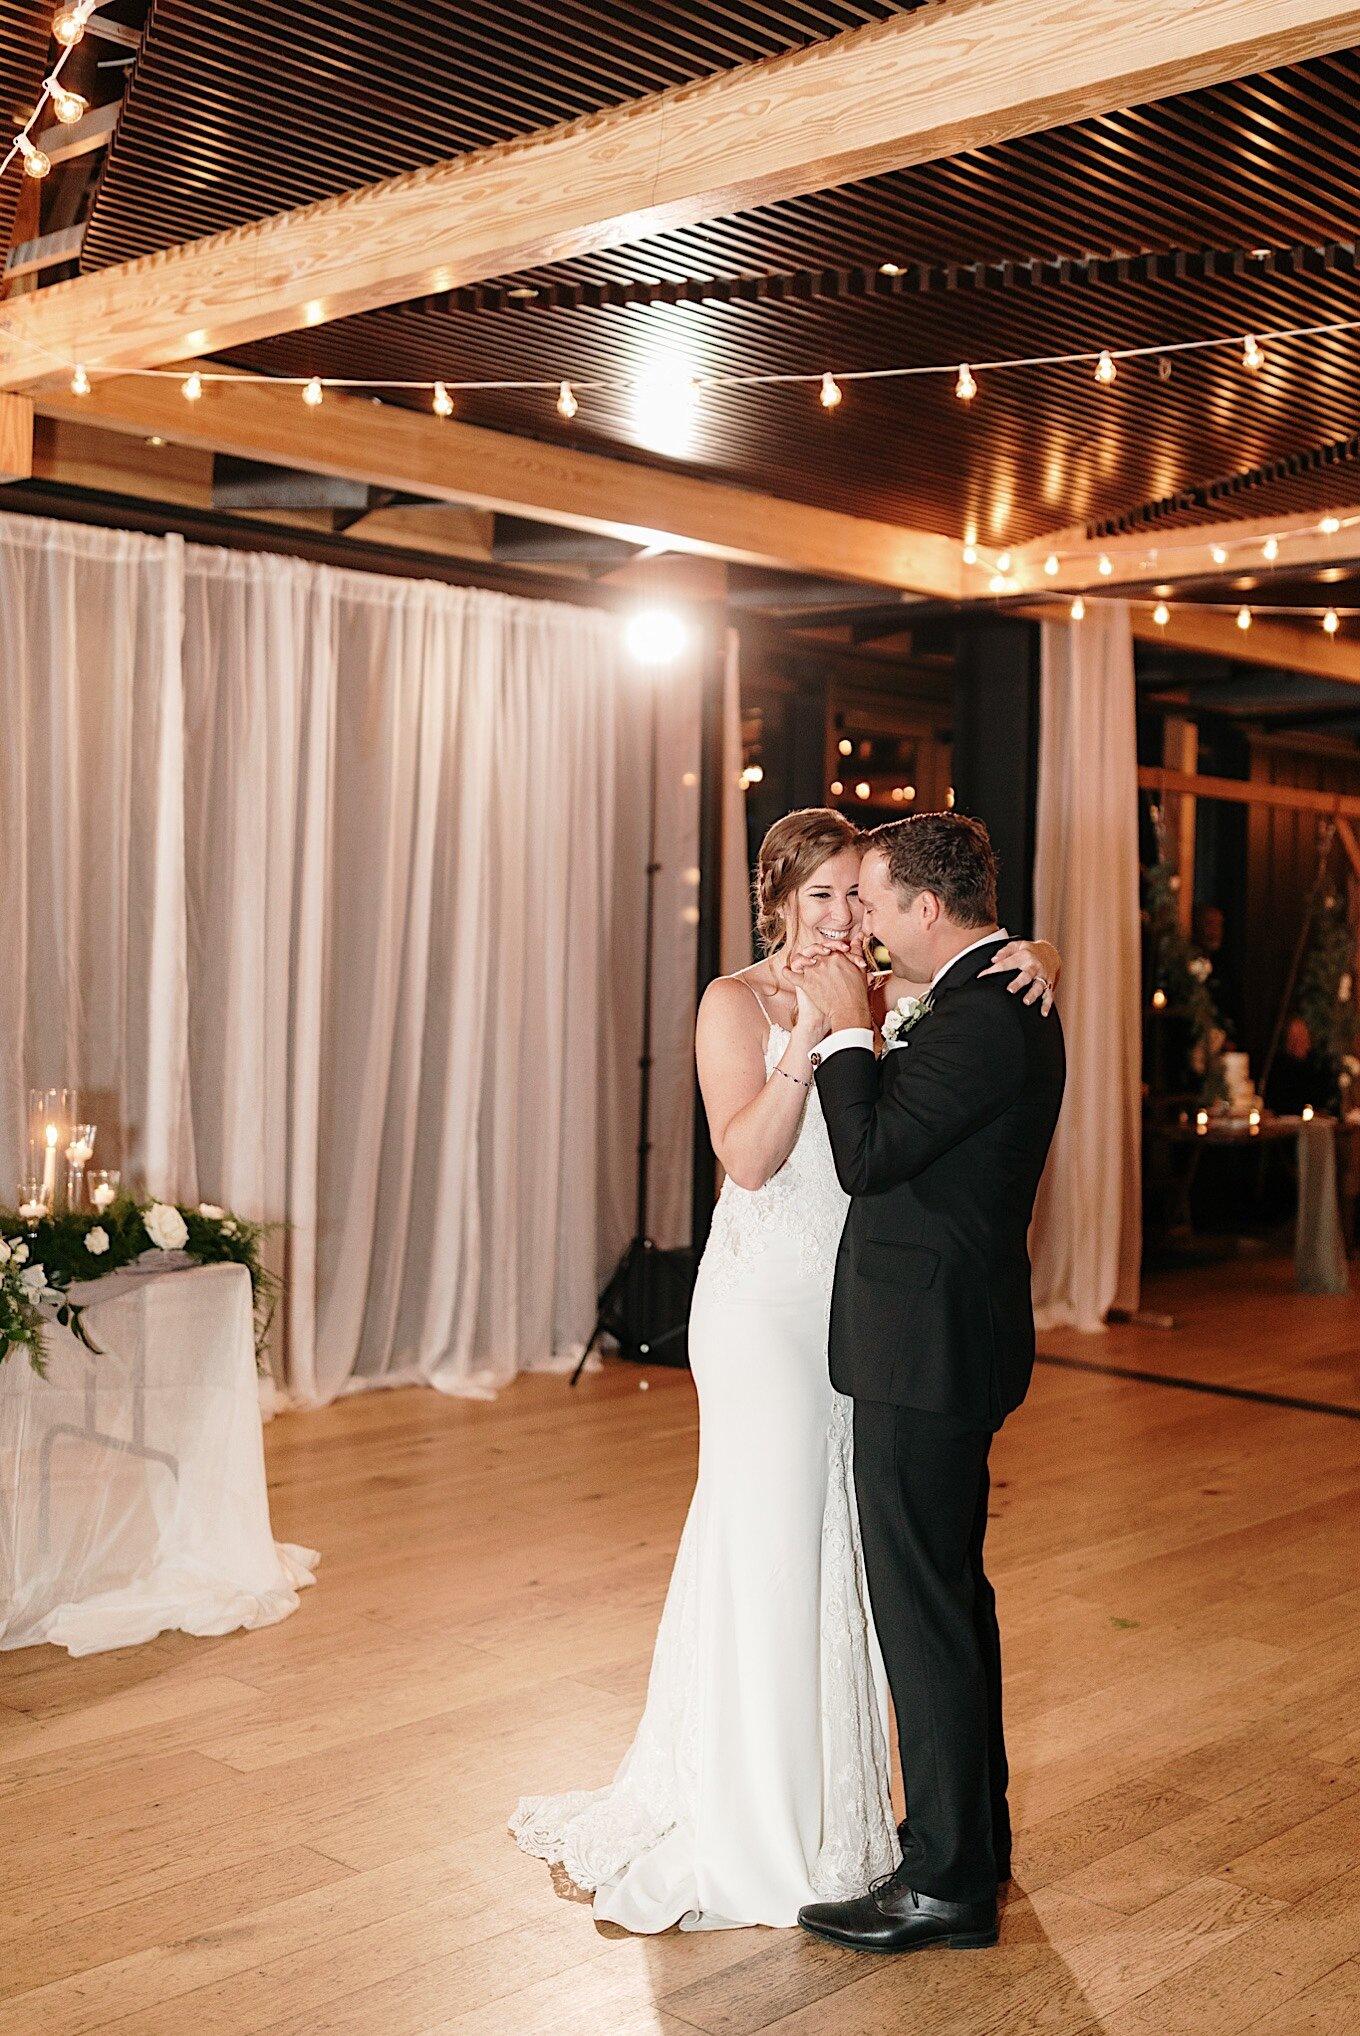 33_schutt-wedding-sneakpeek-41.jpg